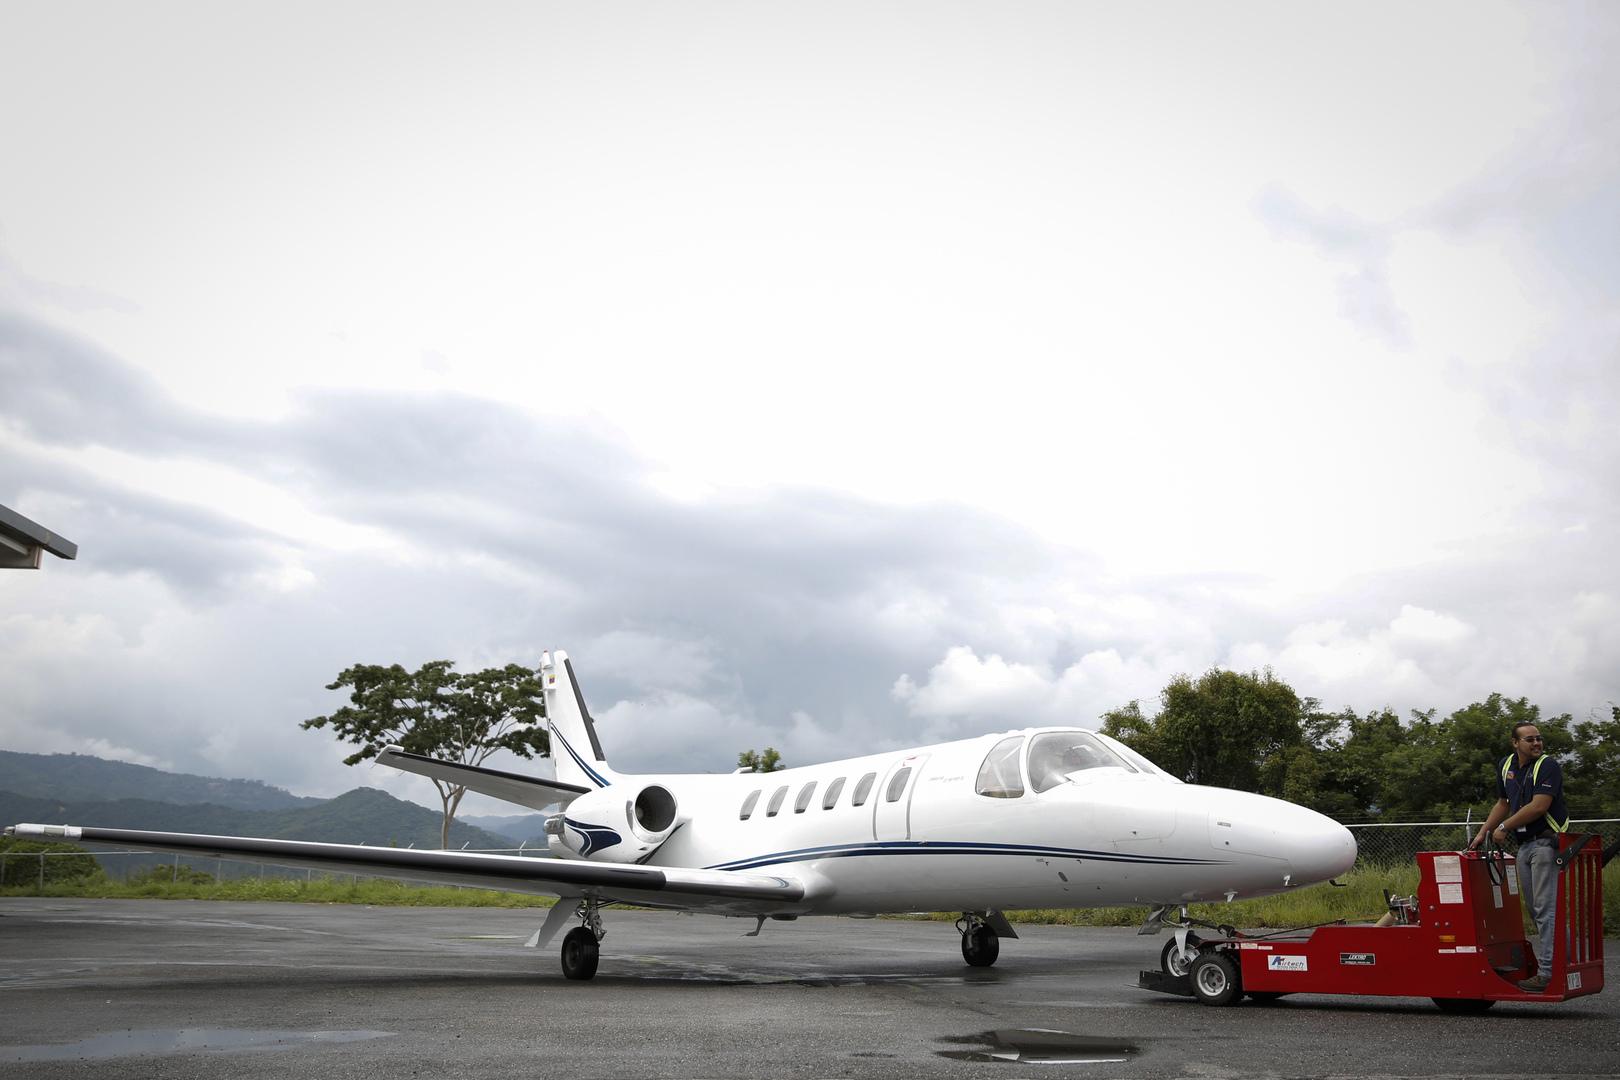 الإعلان عن مصرع جميع ركاب الطائرة المنكوبة في هايتي